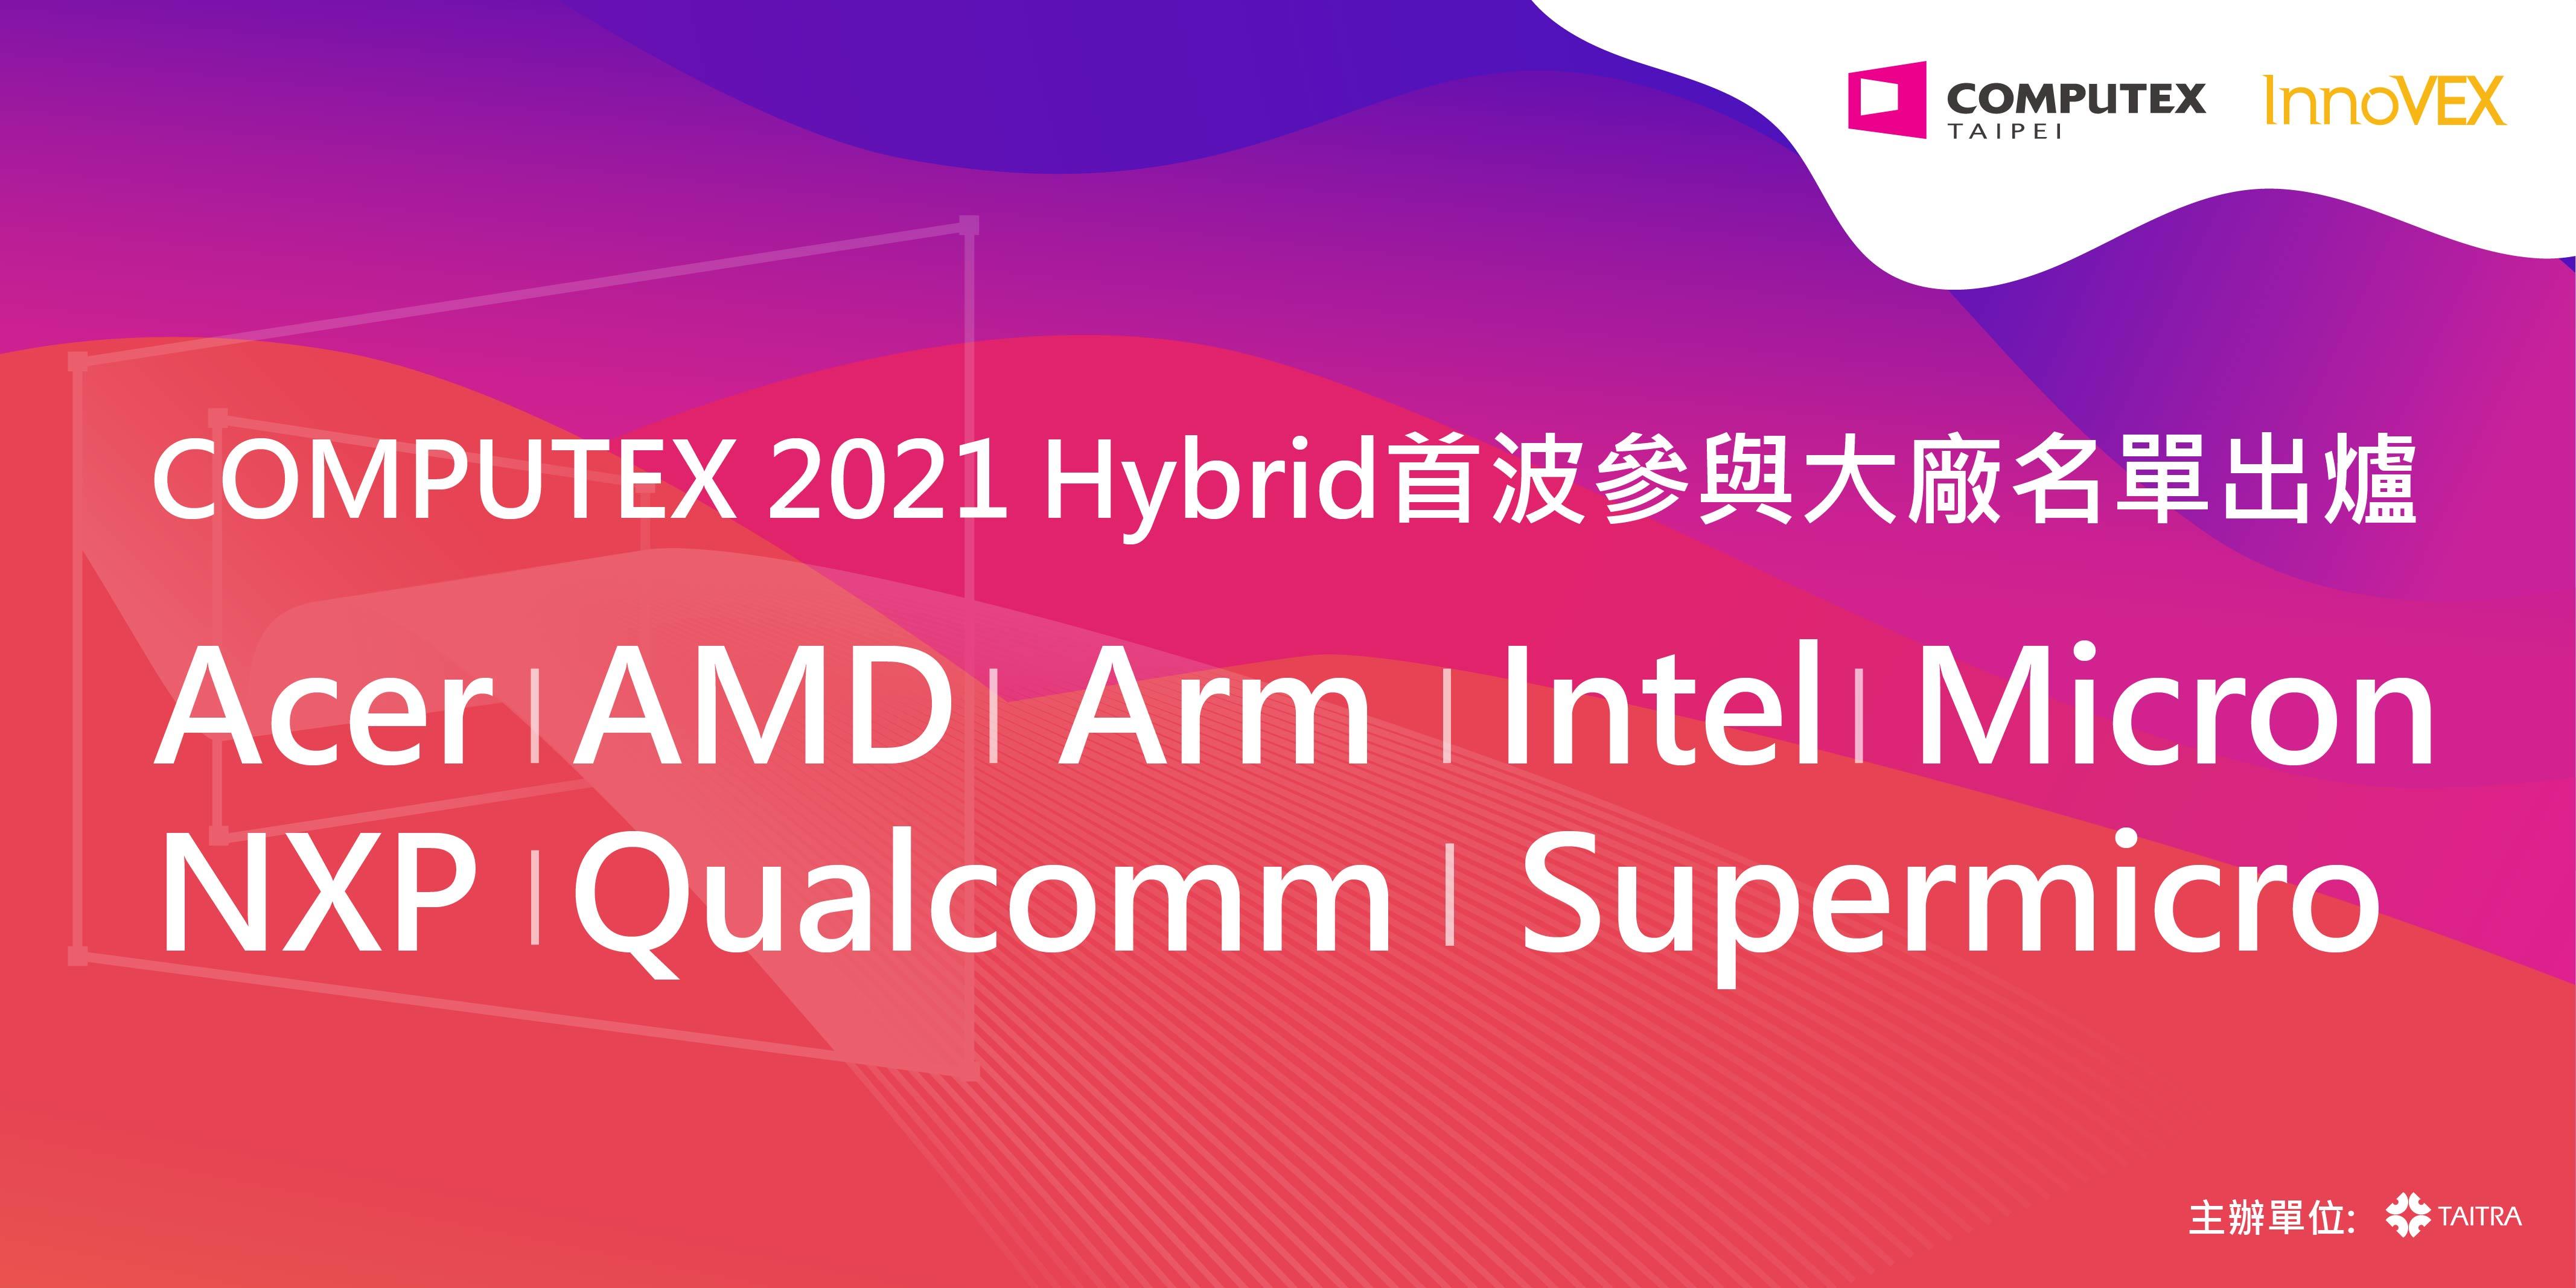 科技巨頭重磅來襲 COMPUTEX 2021 Hybrid首波參與大廠名單出爐